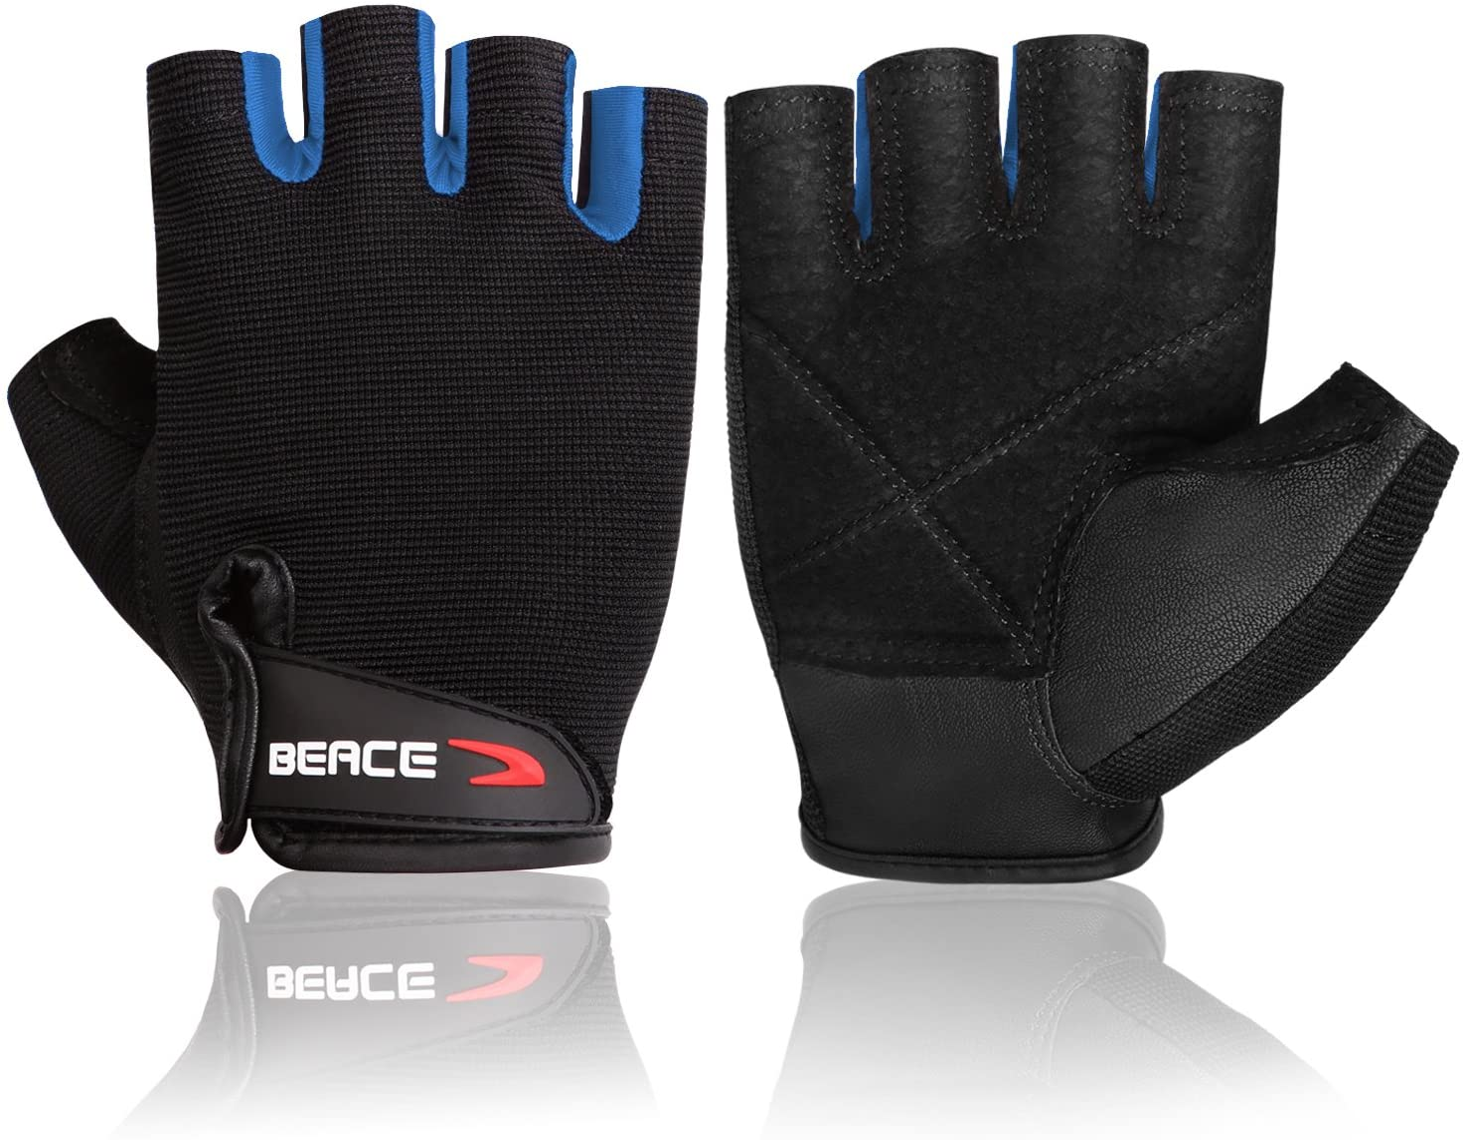 Beace Haltérophilie Gym Gants avec anti-dérapant Paume en cuir pour exercice d/'entraînement